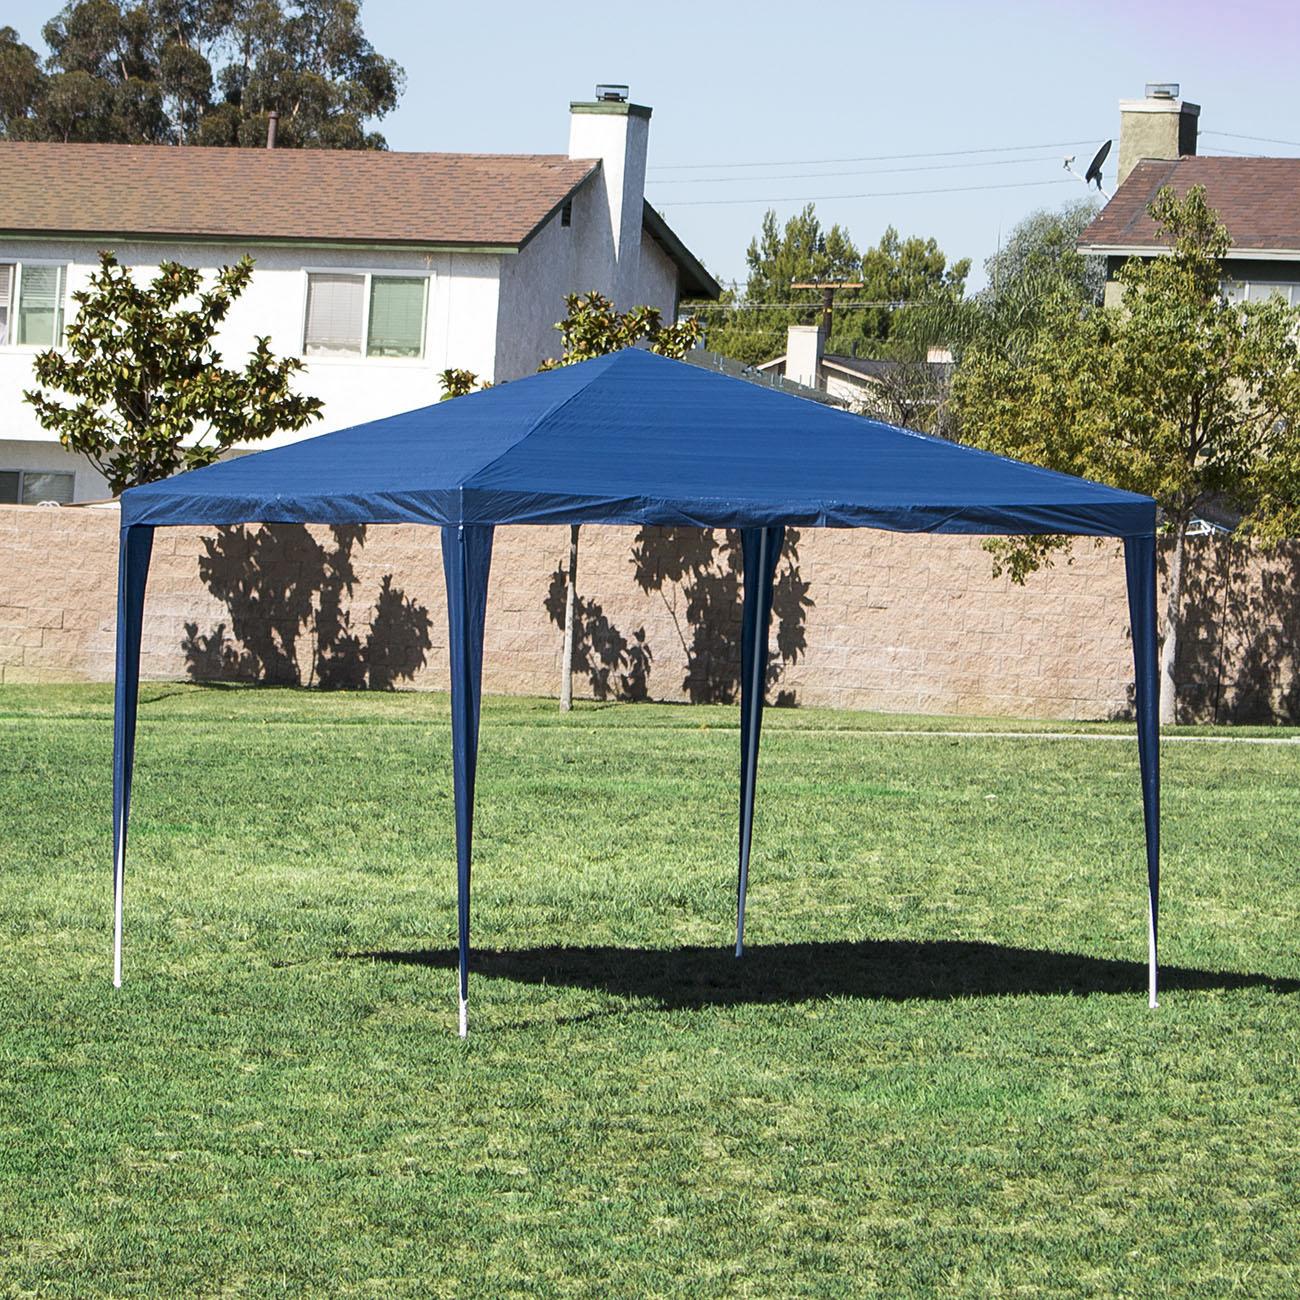 10 X10 Canopy Party Wedding Tent Heavy Duty Gazebo